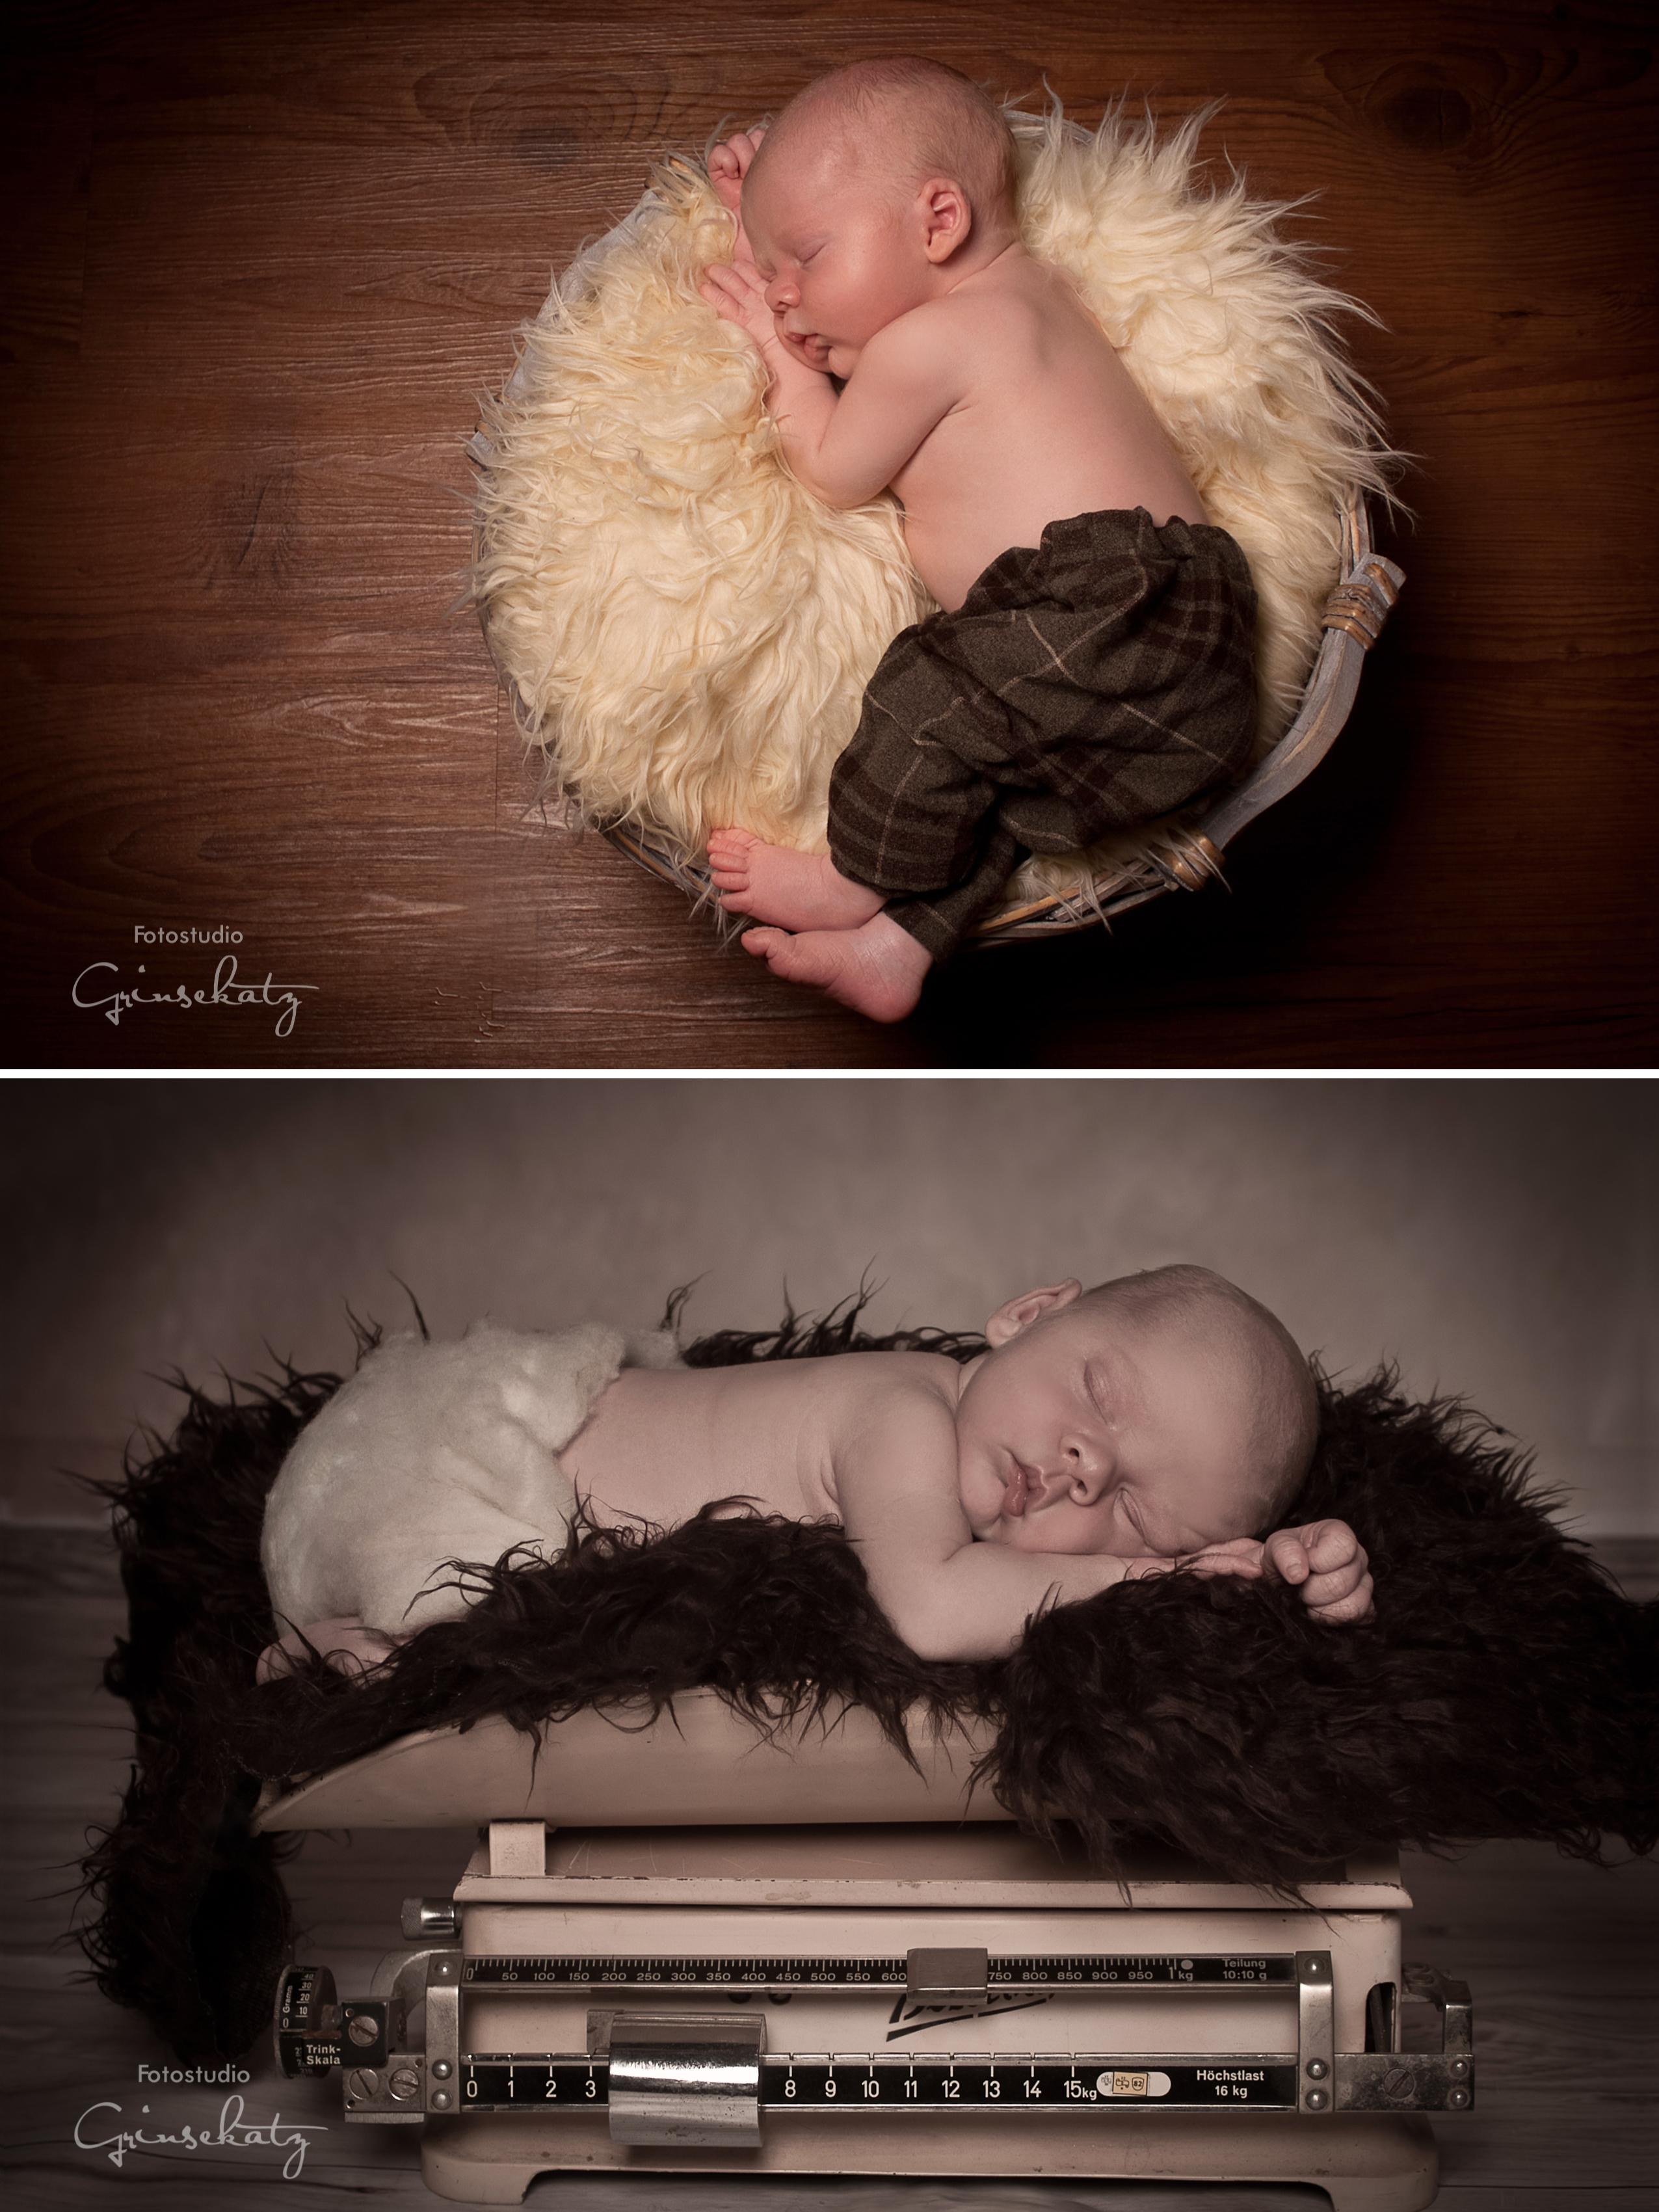 neugeborenen fotografie berlin oberhavel uckermark barnim